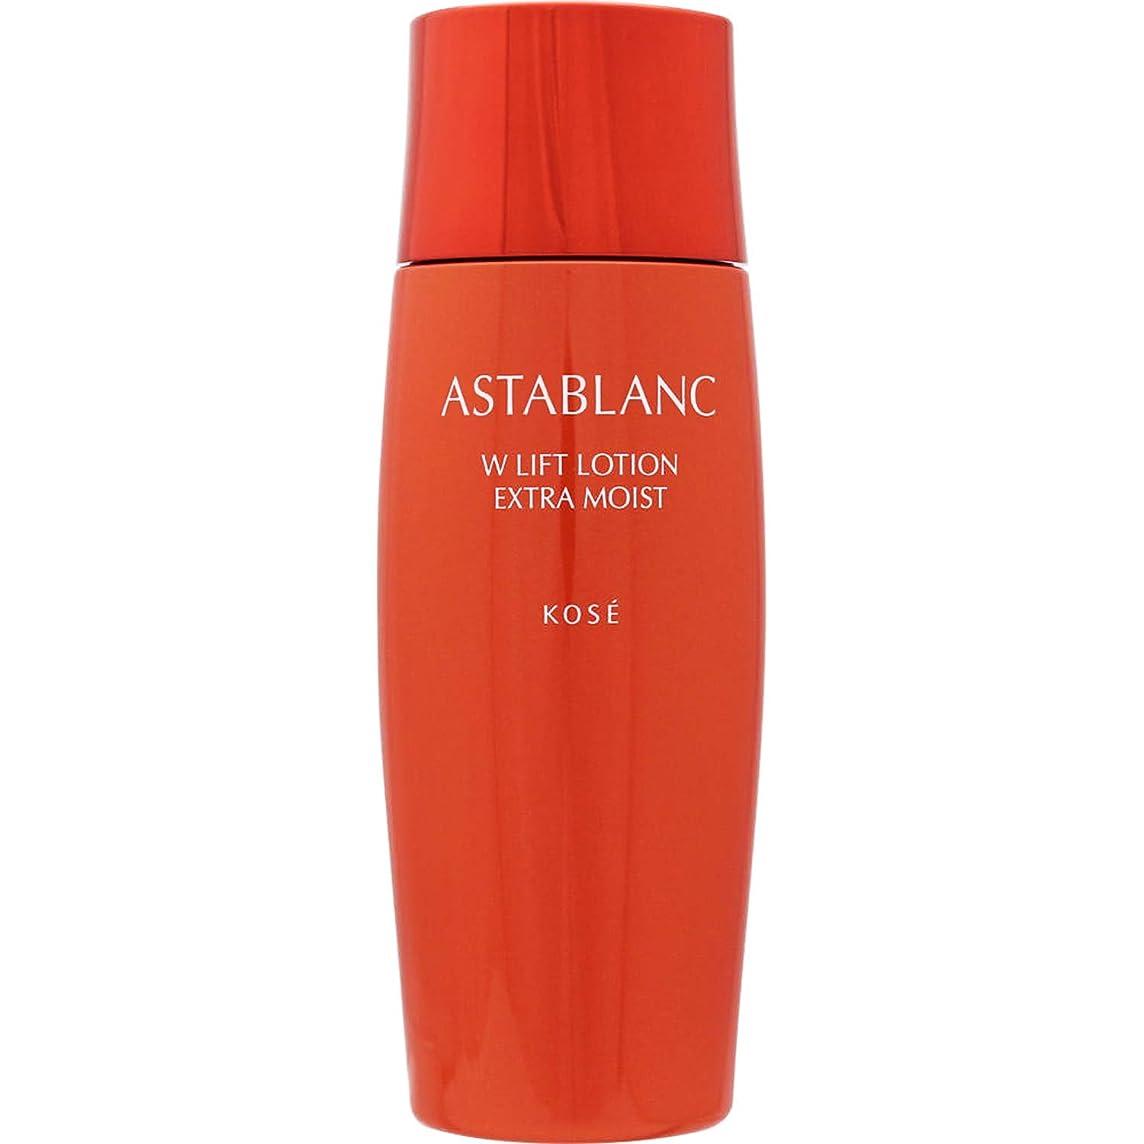 速報暴君ブレースASTABLANC(アスタブラン) アスタブラン Wリフト ローション とてもしっとり 化粧水 140mL